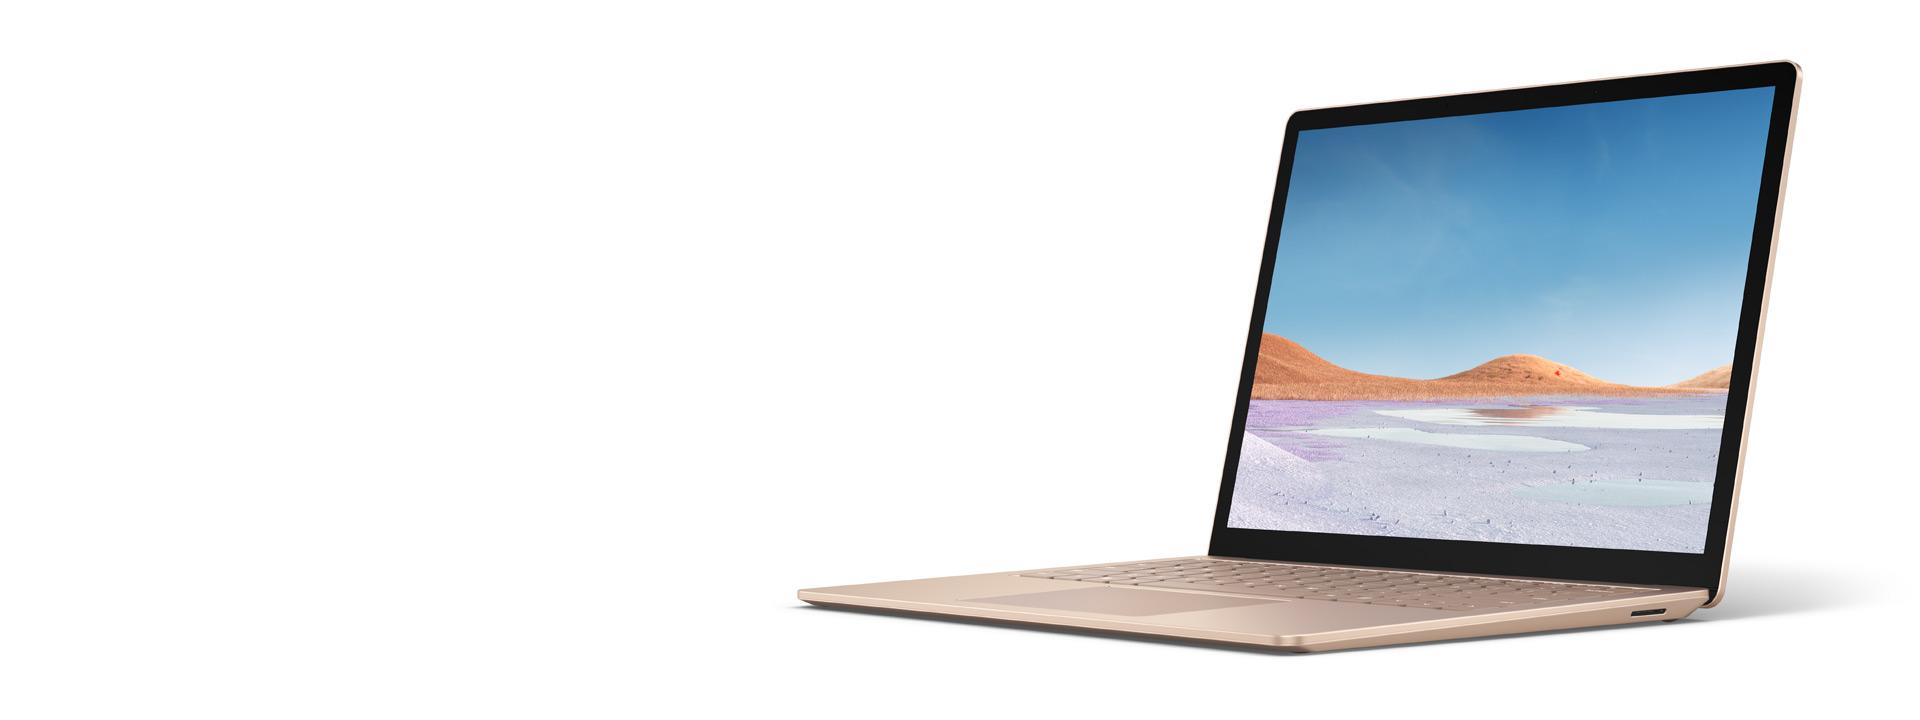 砂岩金 13.5 英寸 Surface Laptop 3